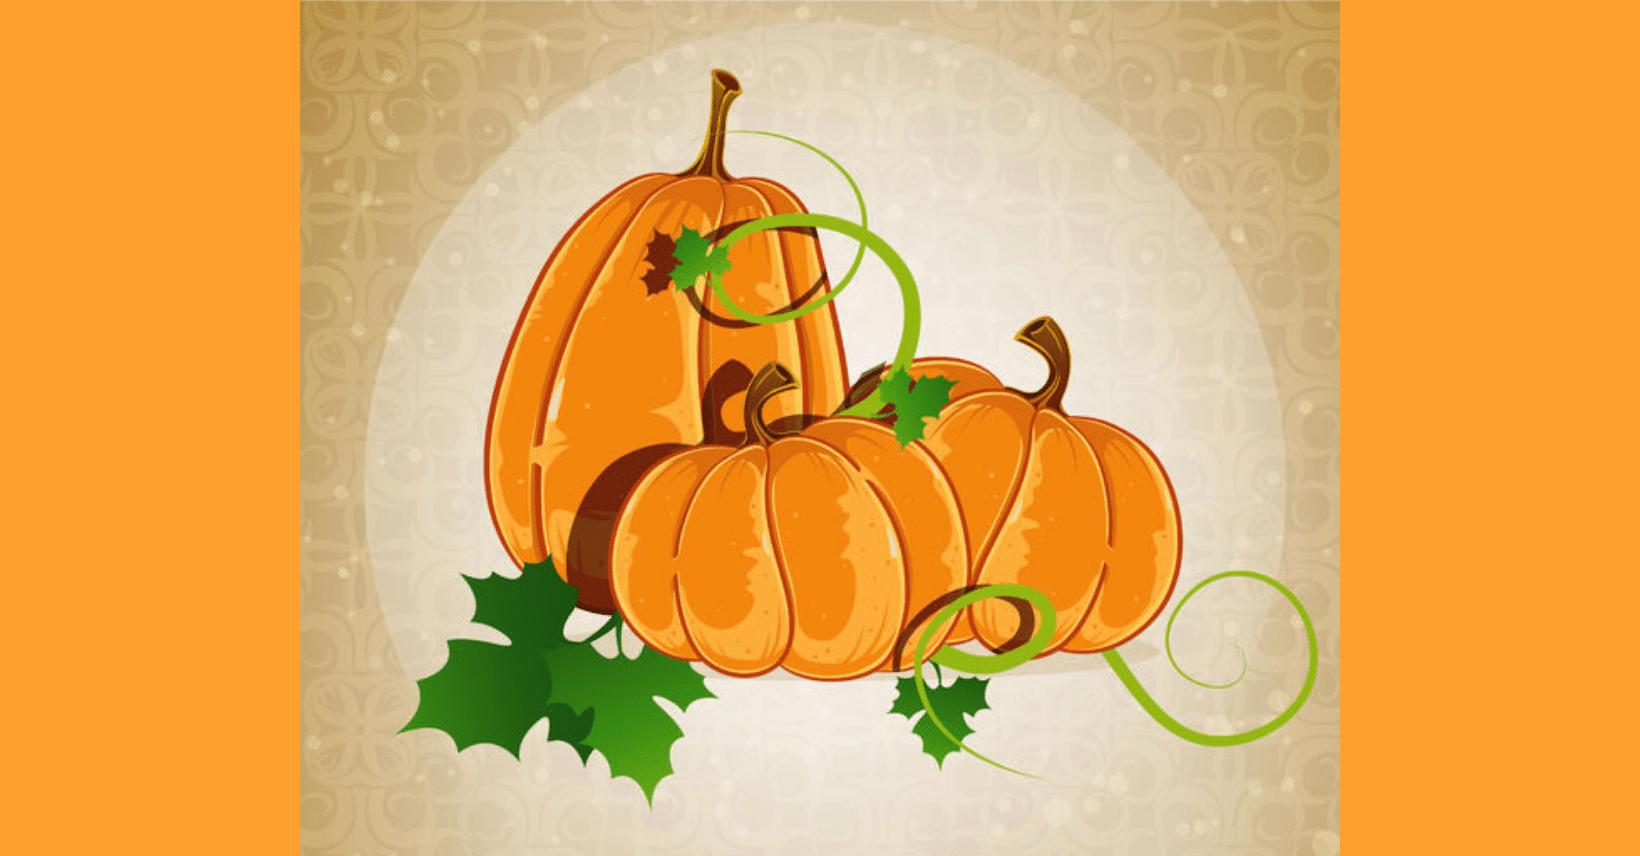 Pumpkin Week pumpkins!